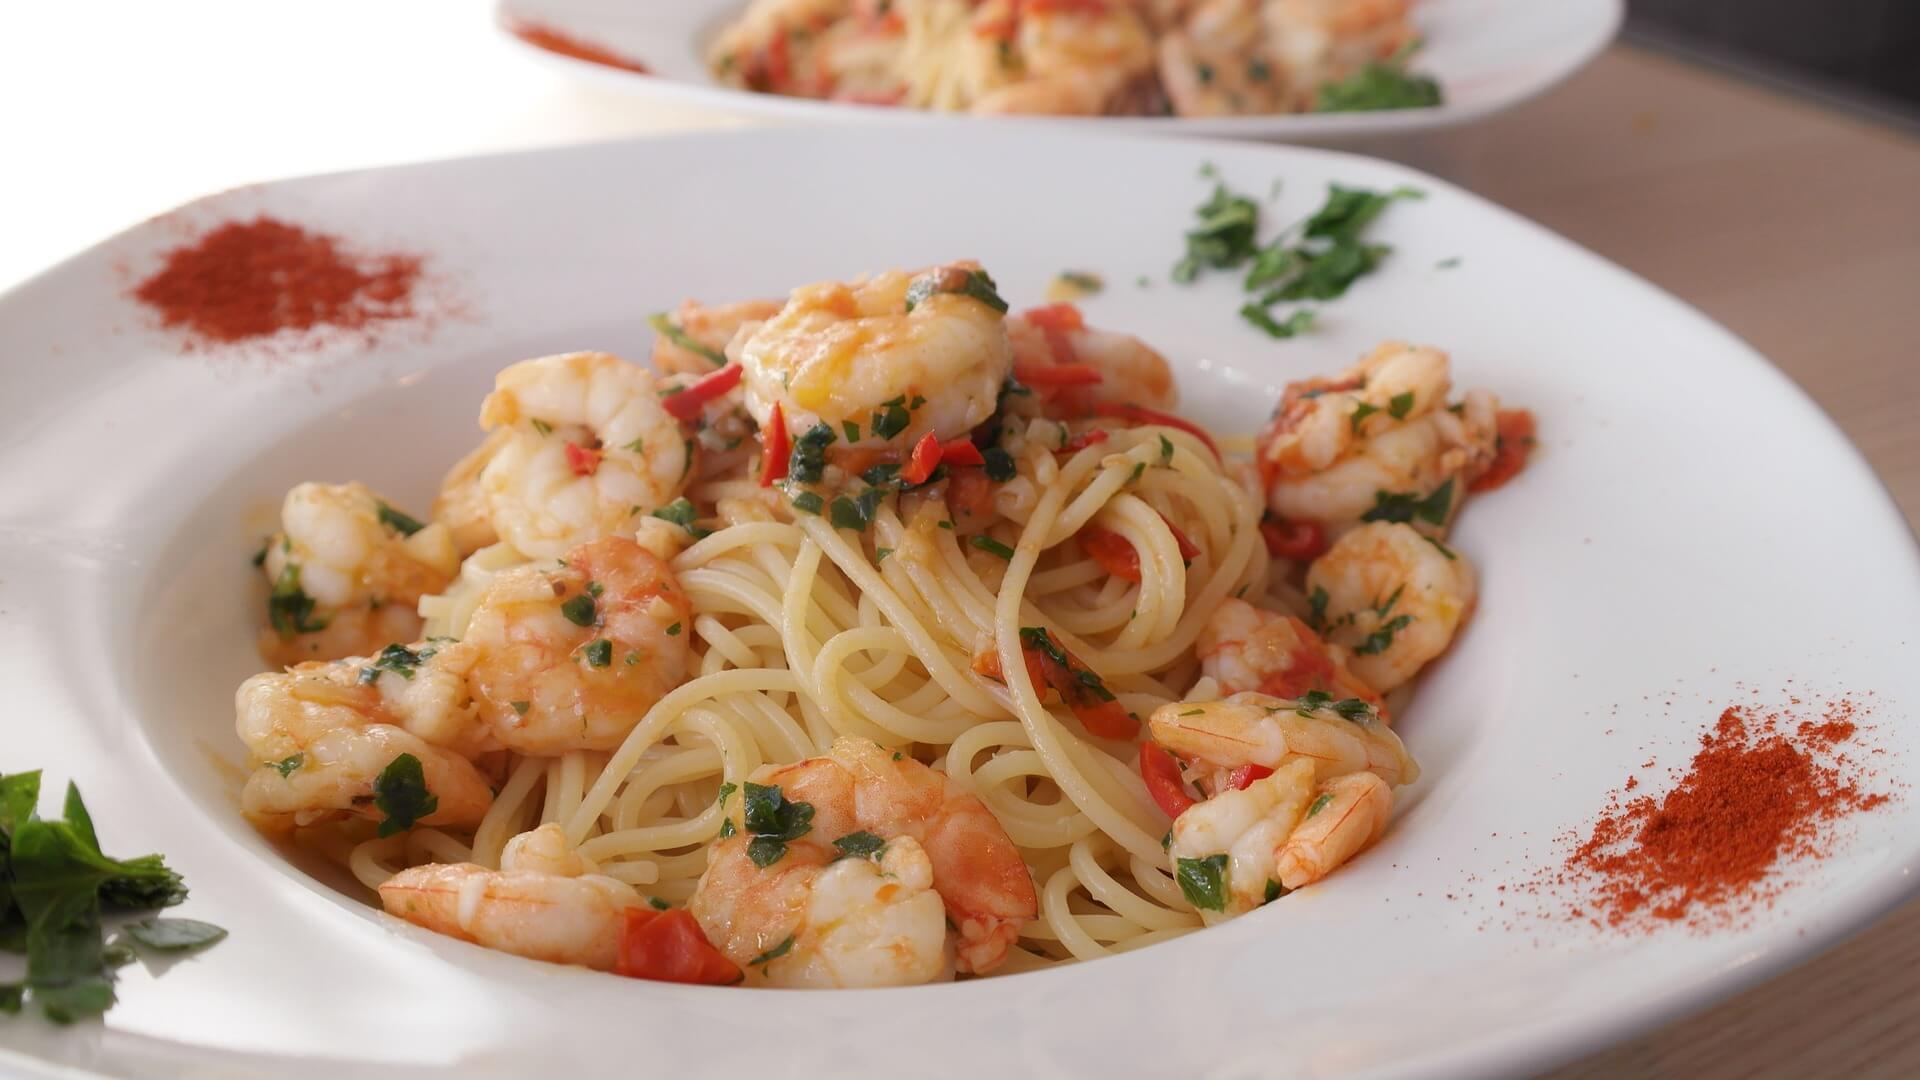 spaghetti-660748_1920.jpg